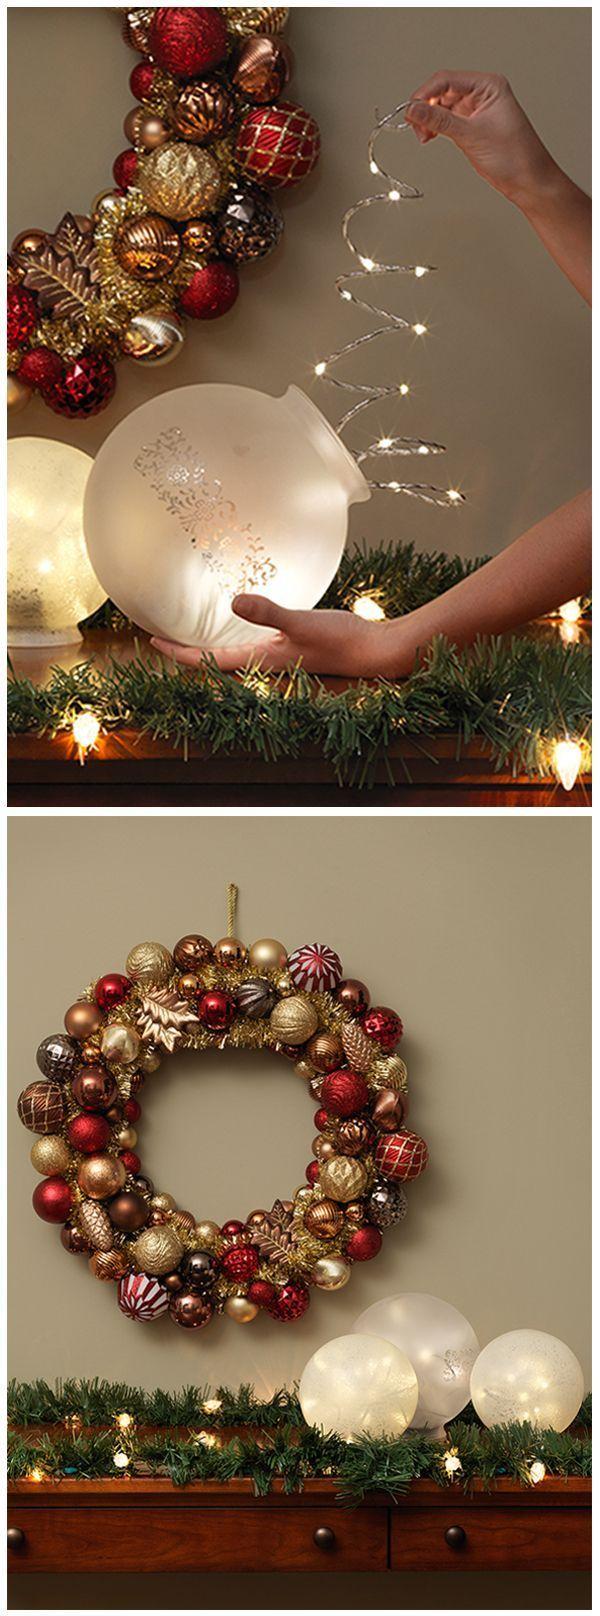 Récupérez de vieux globes de verre pour en faire une décoration charmante et particulière! - Décoration - Des idées de décorations pour votre maison et le bureau - Trucs et Bricolages - Fallait y penser !